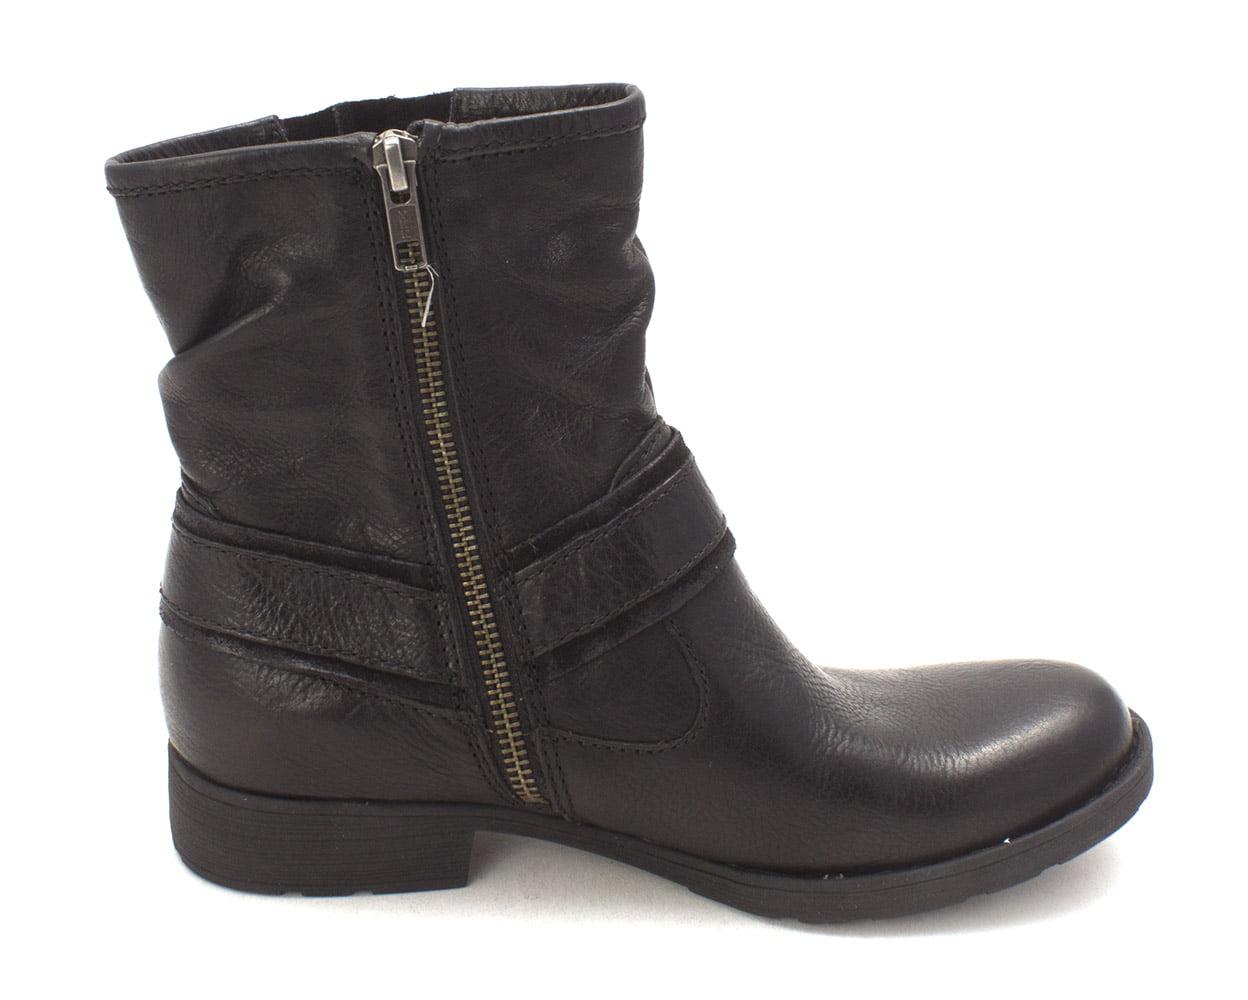 Born Womens Estonia Leather Fashion Closed Toe Ankle Fashion Leather Boots a69d51